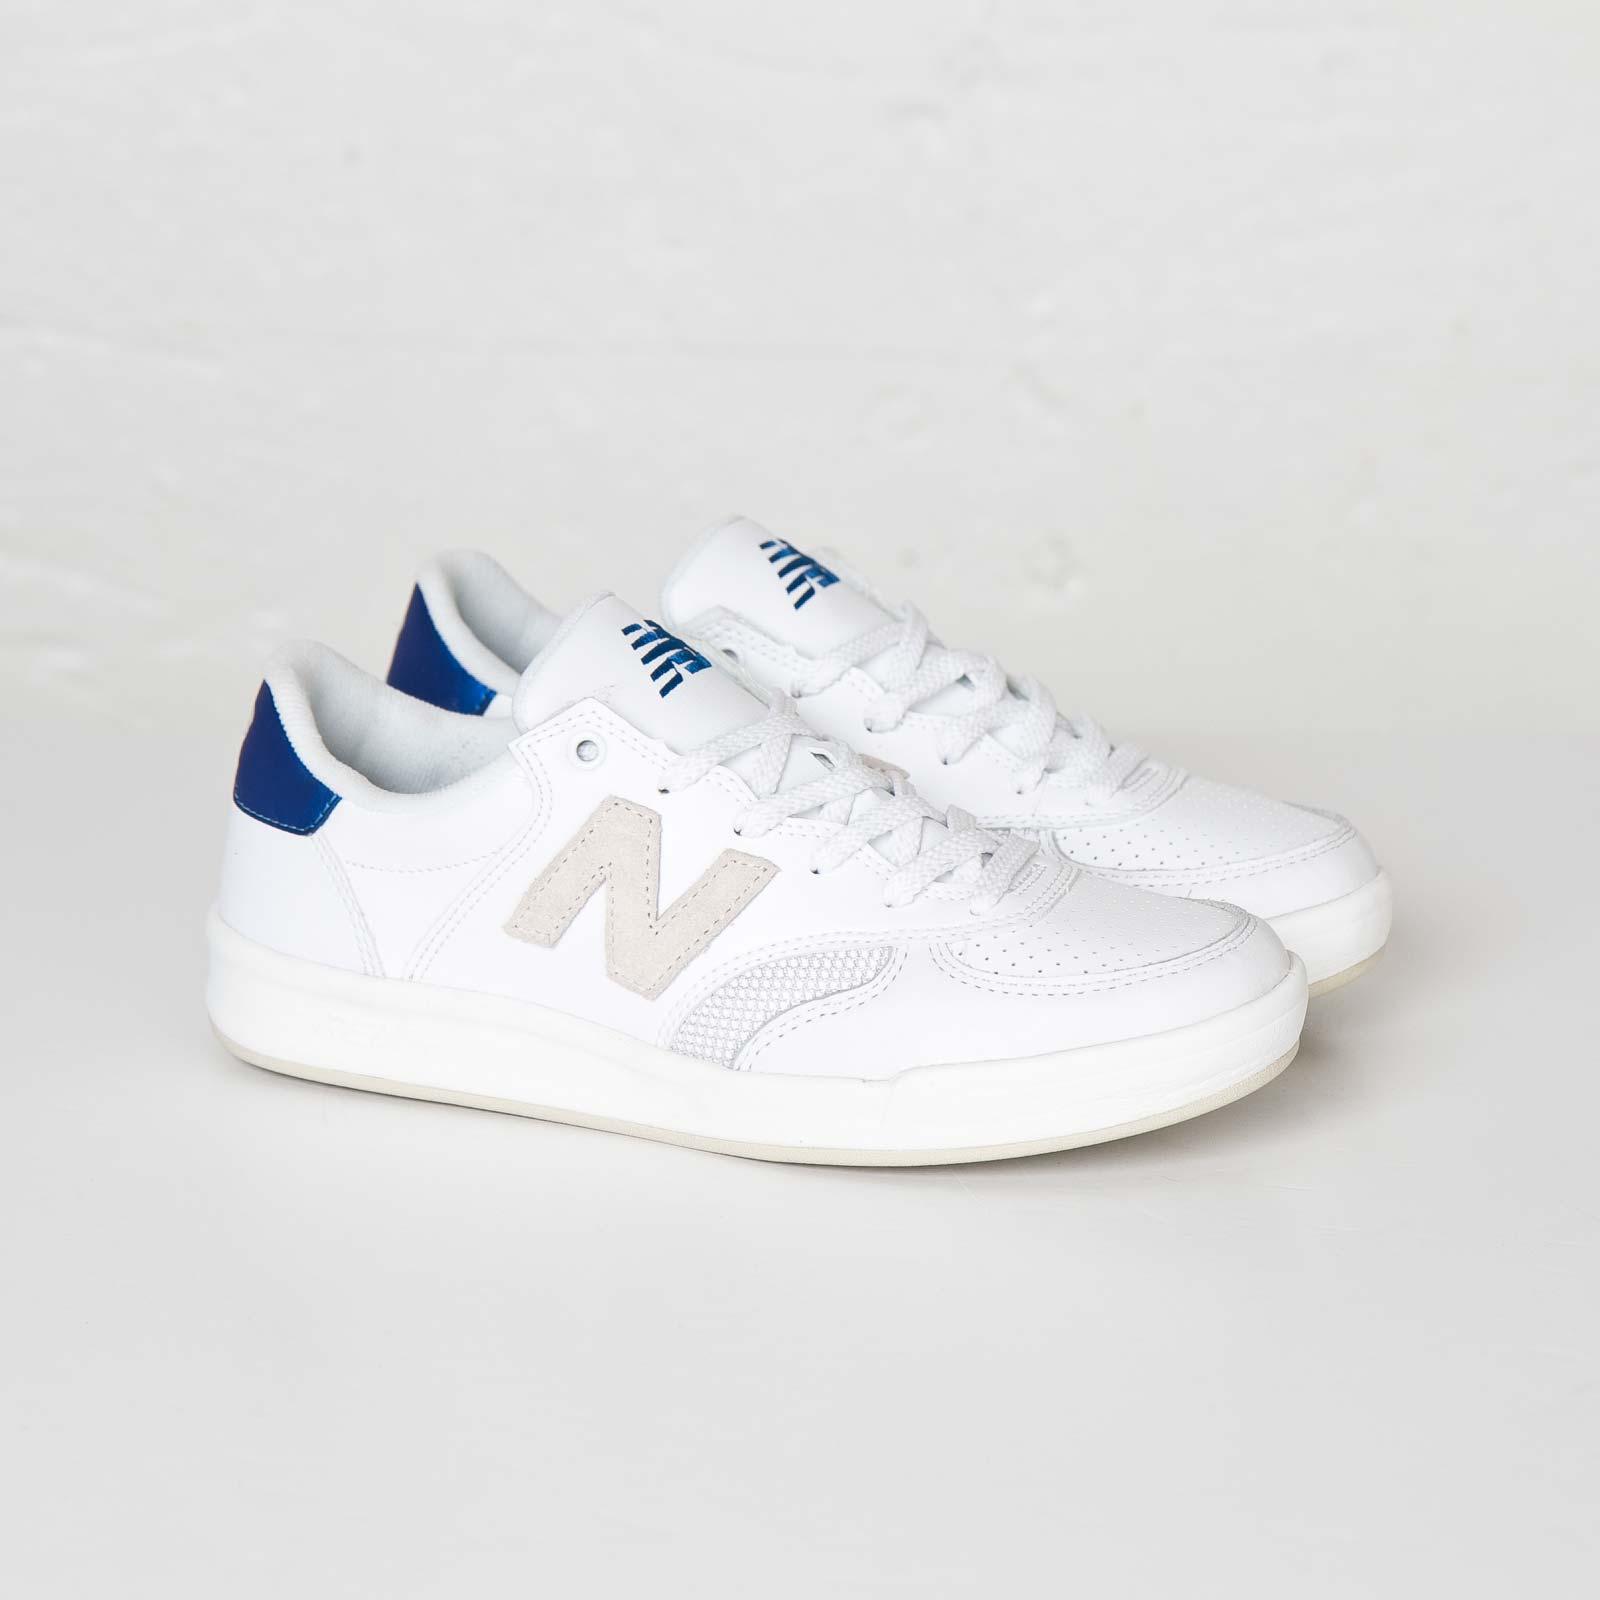 New Balance CRT300 - Crt300dj - Sneakersnstuff | sneakers ...